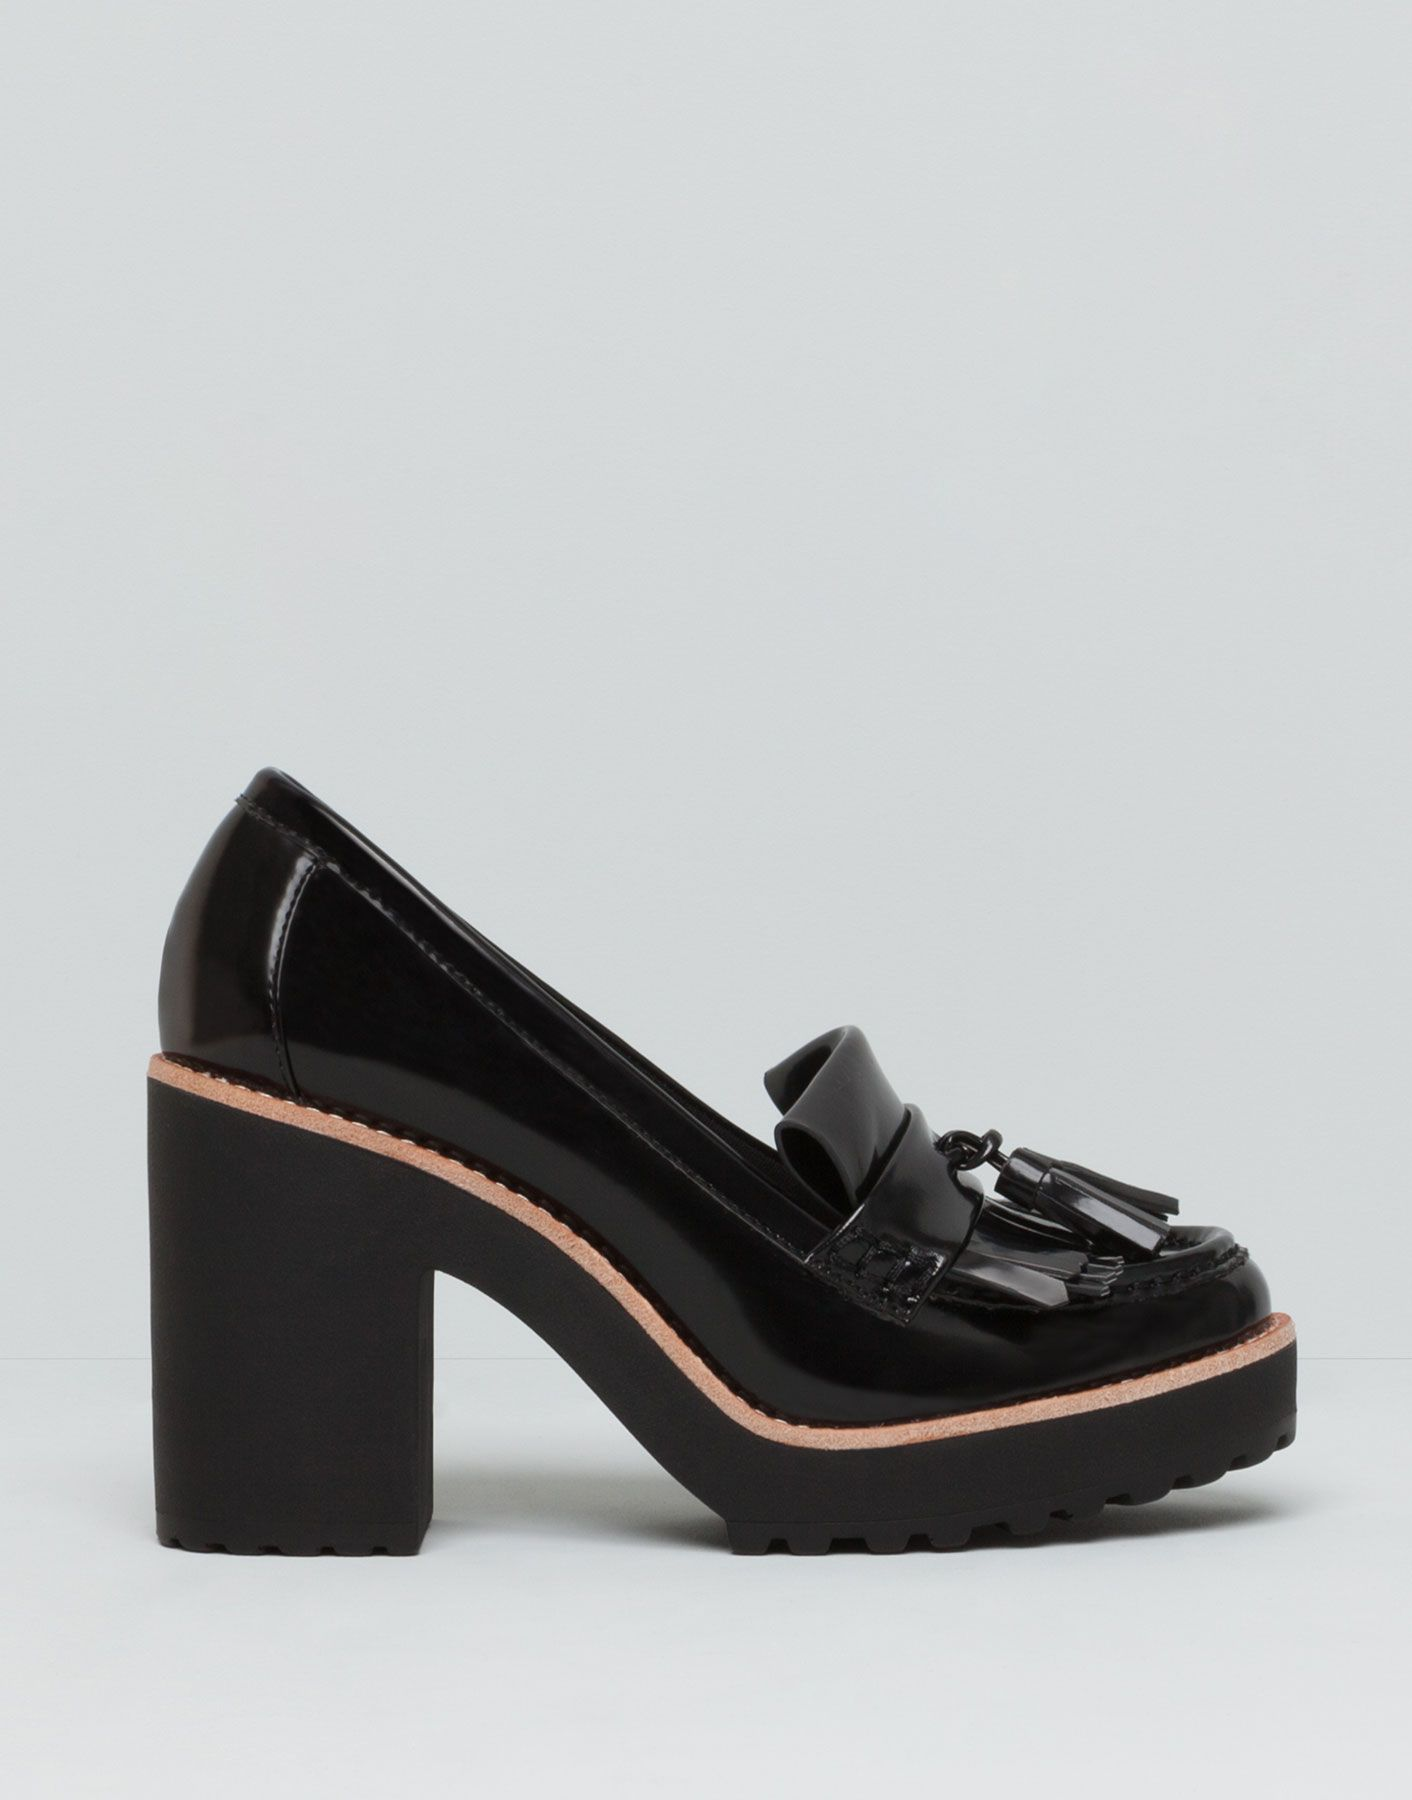 Sauber und elegant ESCARPINS High Heel Pumps red Schuhe